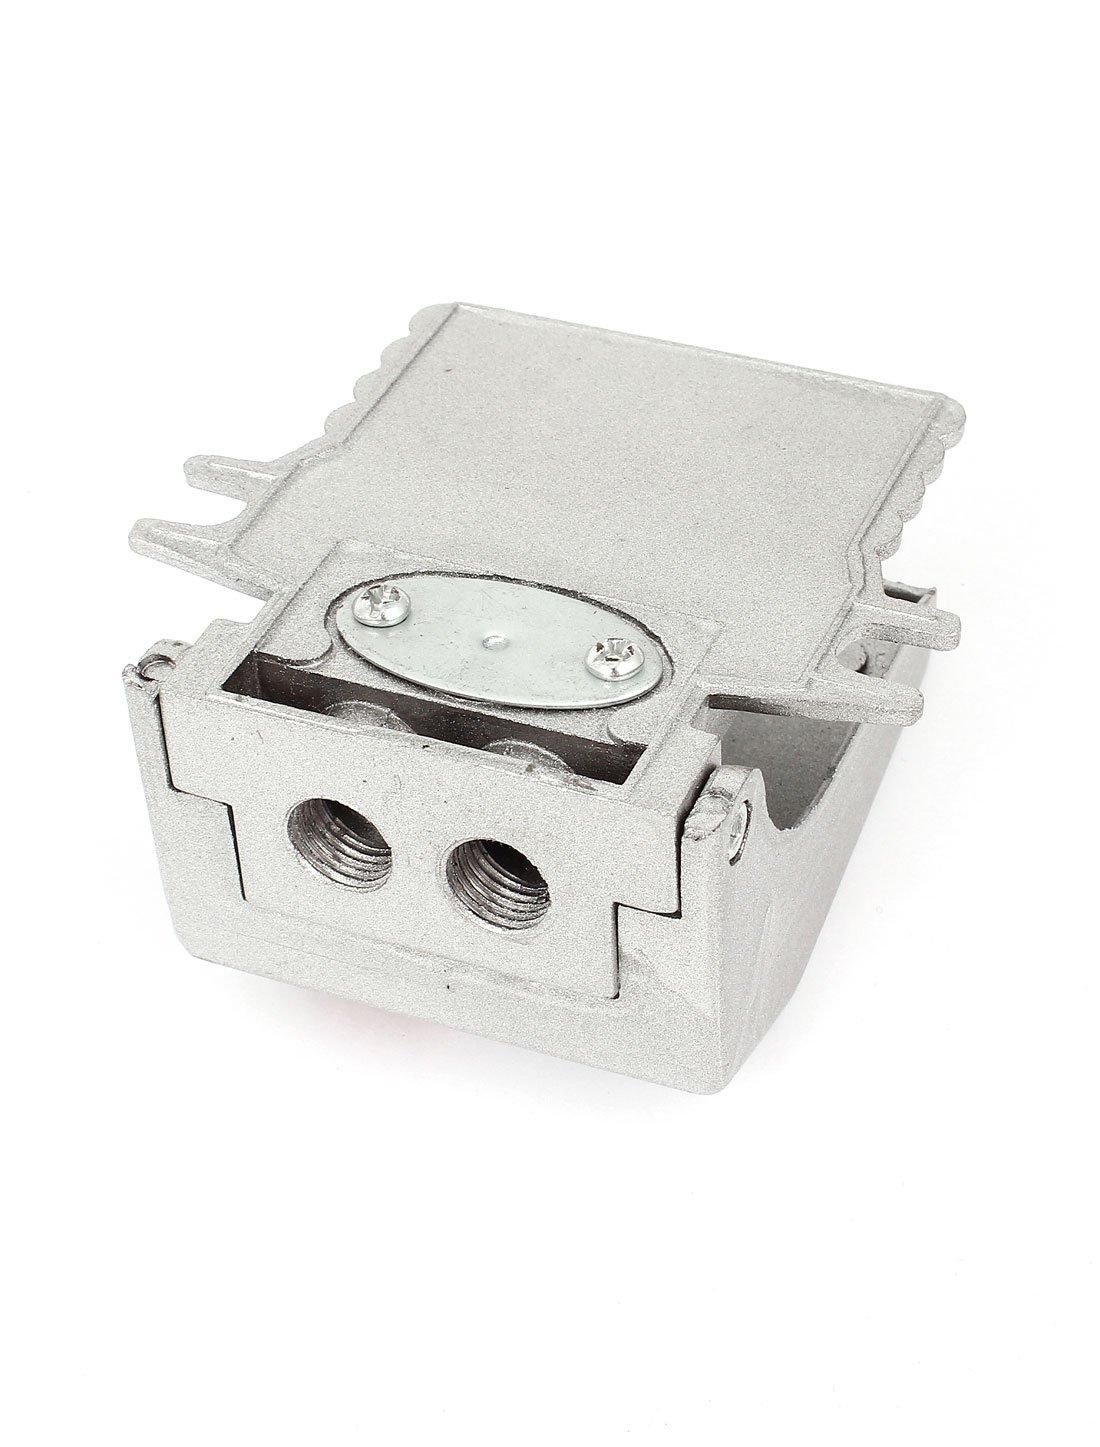 FV-02 Legierung 1//4BSP Gewinde Luft  Pneumatik Pedal Ventil Fußschalter Silber